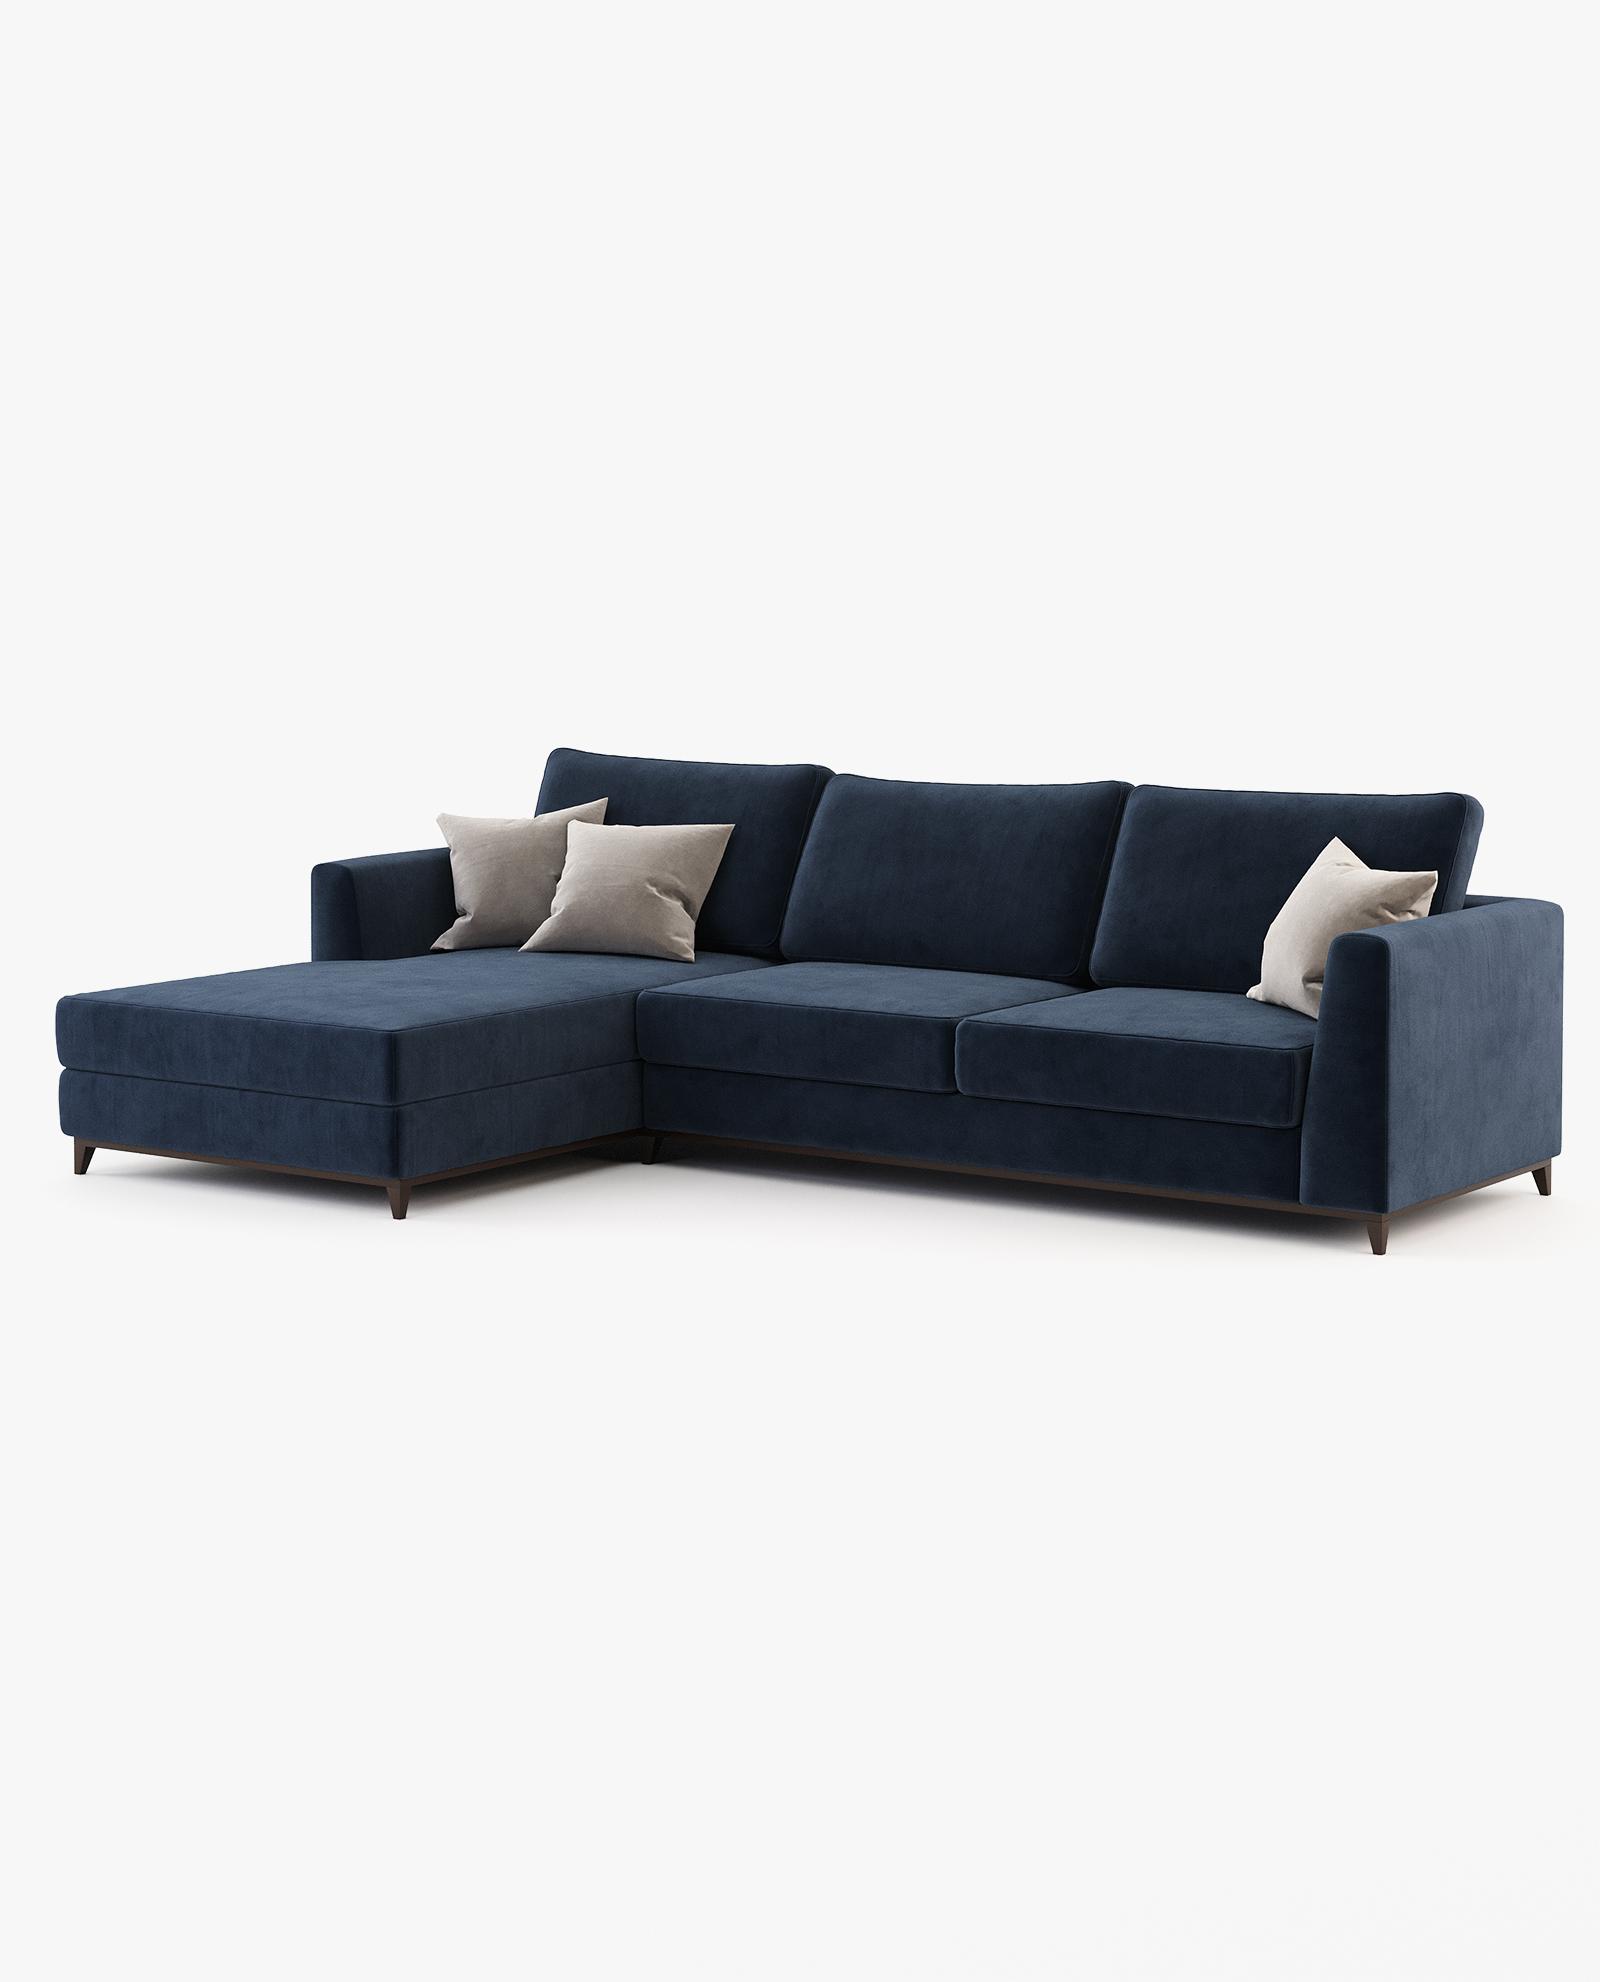 sofá chaise-longue em azul marinho